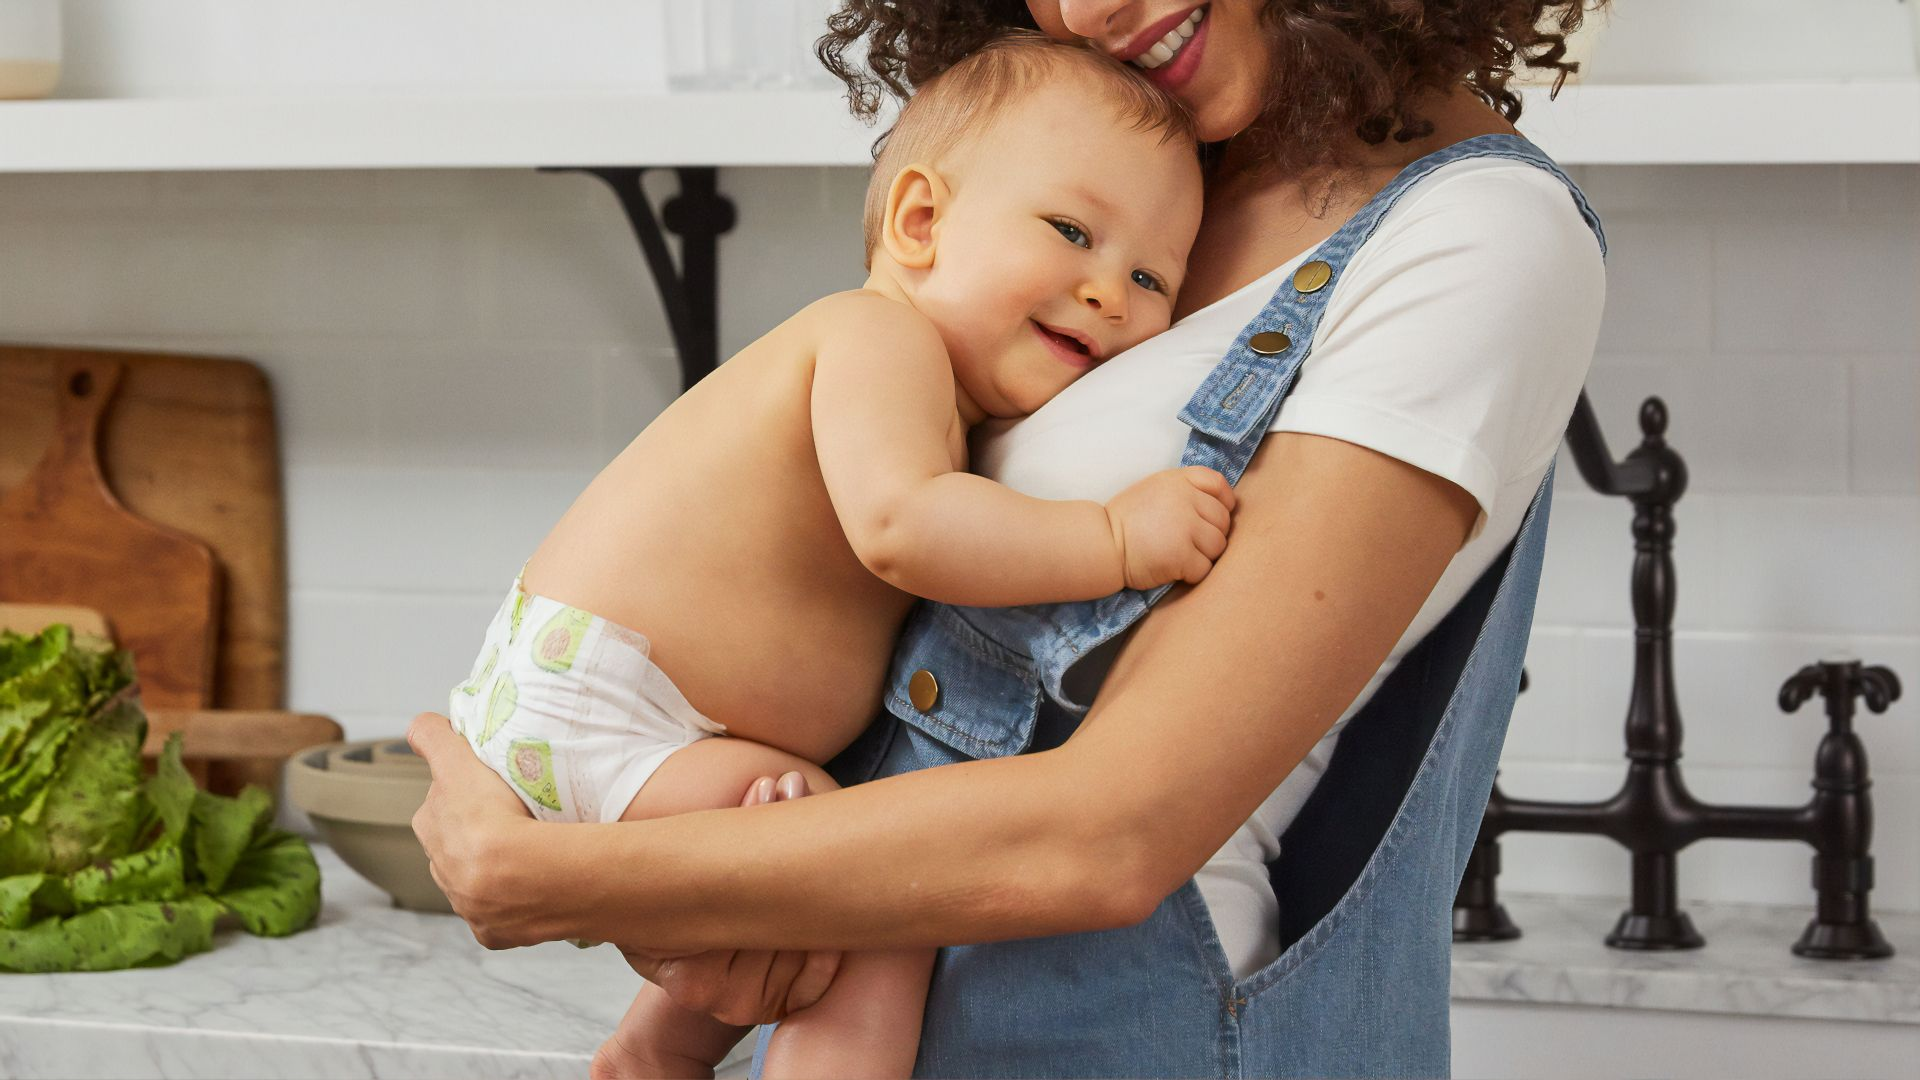 Importancia del apoyo psicológico para cuidar a nuestros hijos con alergias sin enfermarnos a nosotros mismos - Entrevista